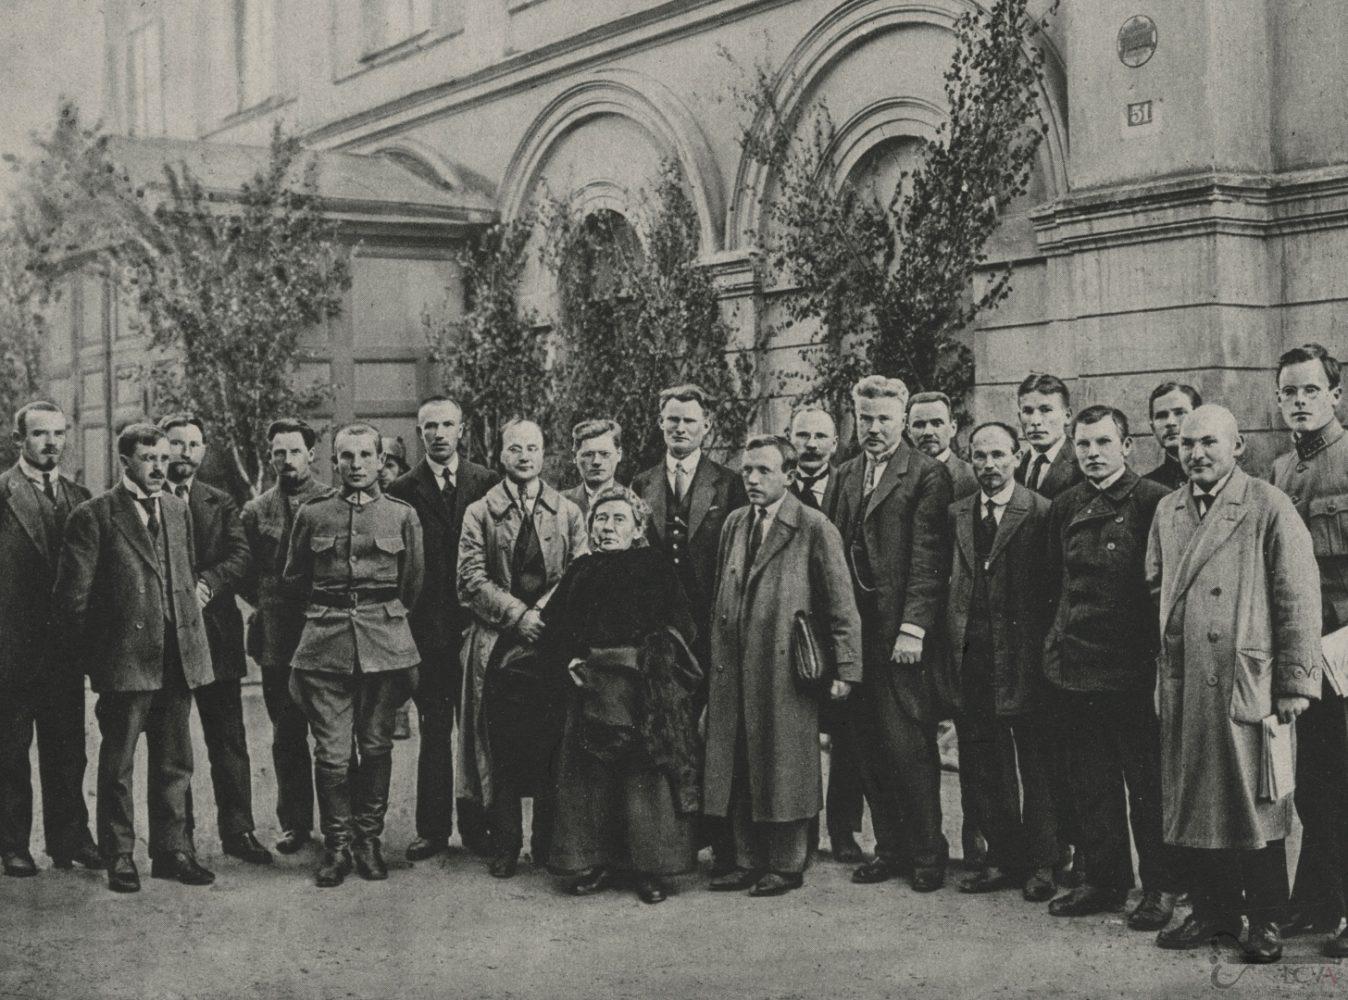 Gabrielė Petkevičaitė-Bitė Steigiamajame Seime. 1920 m. LCVA, 0-011186. Iš: http://virtualios-parodos.archyvai.lt/lt/virtualios-parodos/34/lietuvos-steigiamajam-seimui-100-metu/exh-175/steigiamojo-seimo-partijos-ir-nariai/case-895#slide28